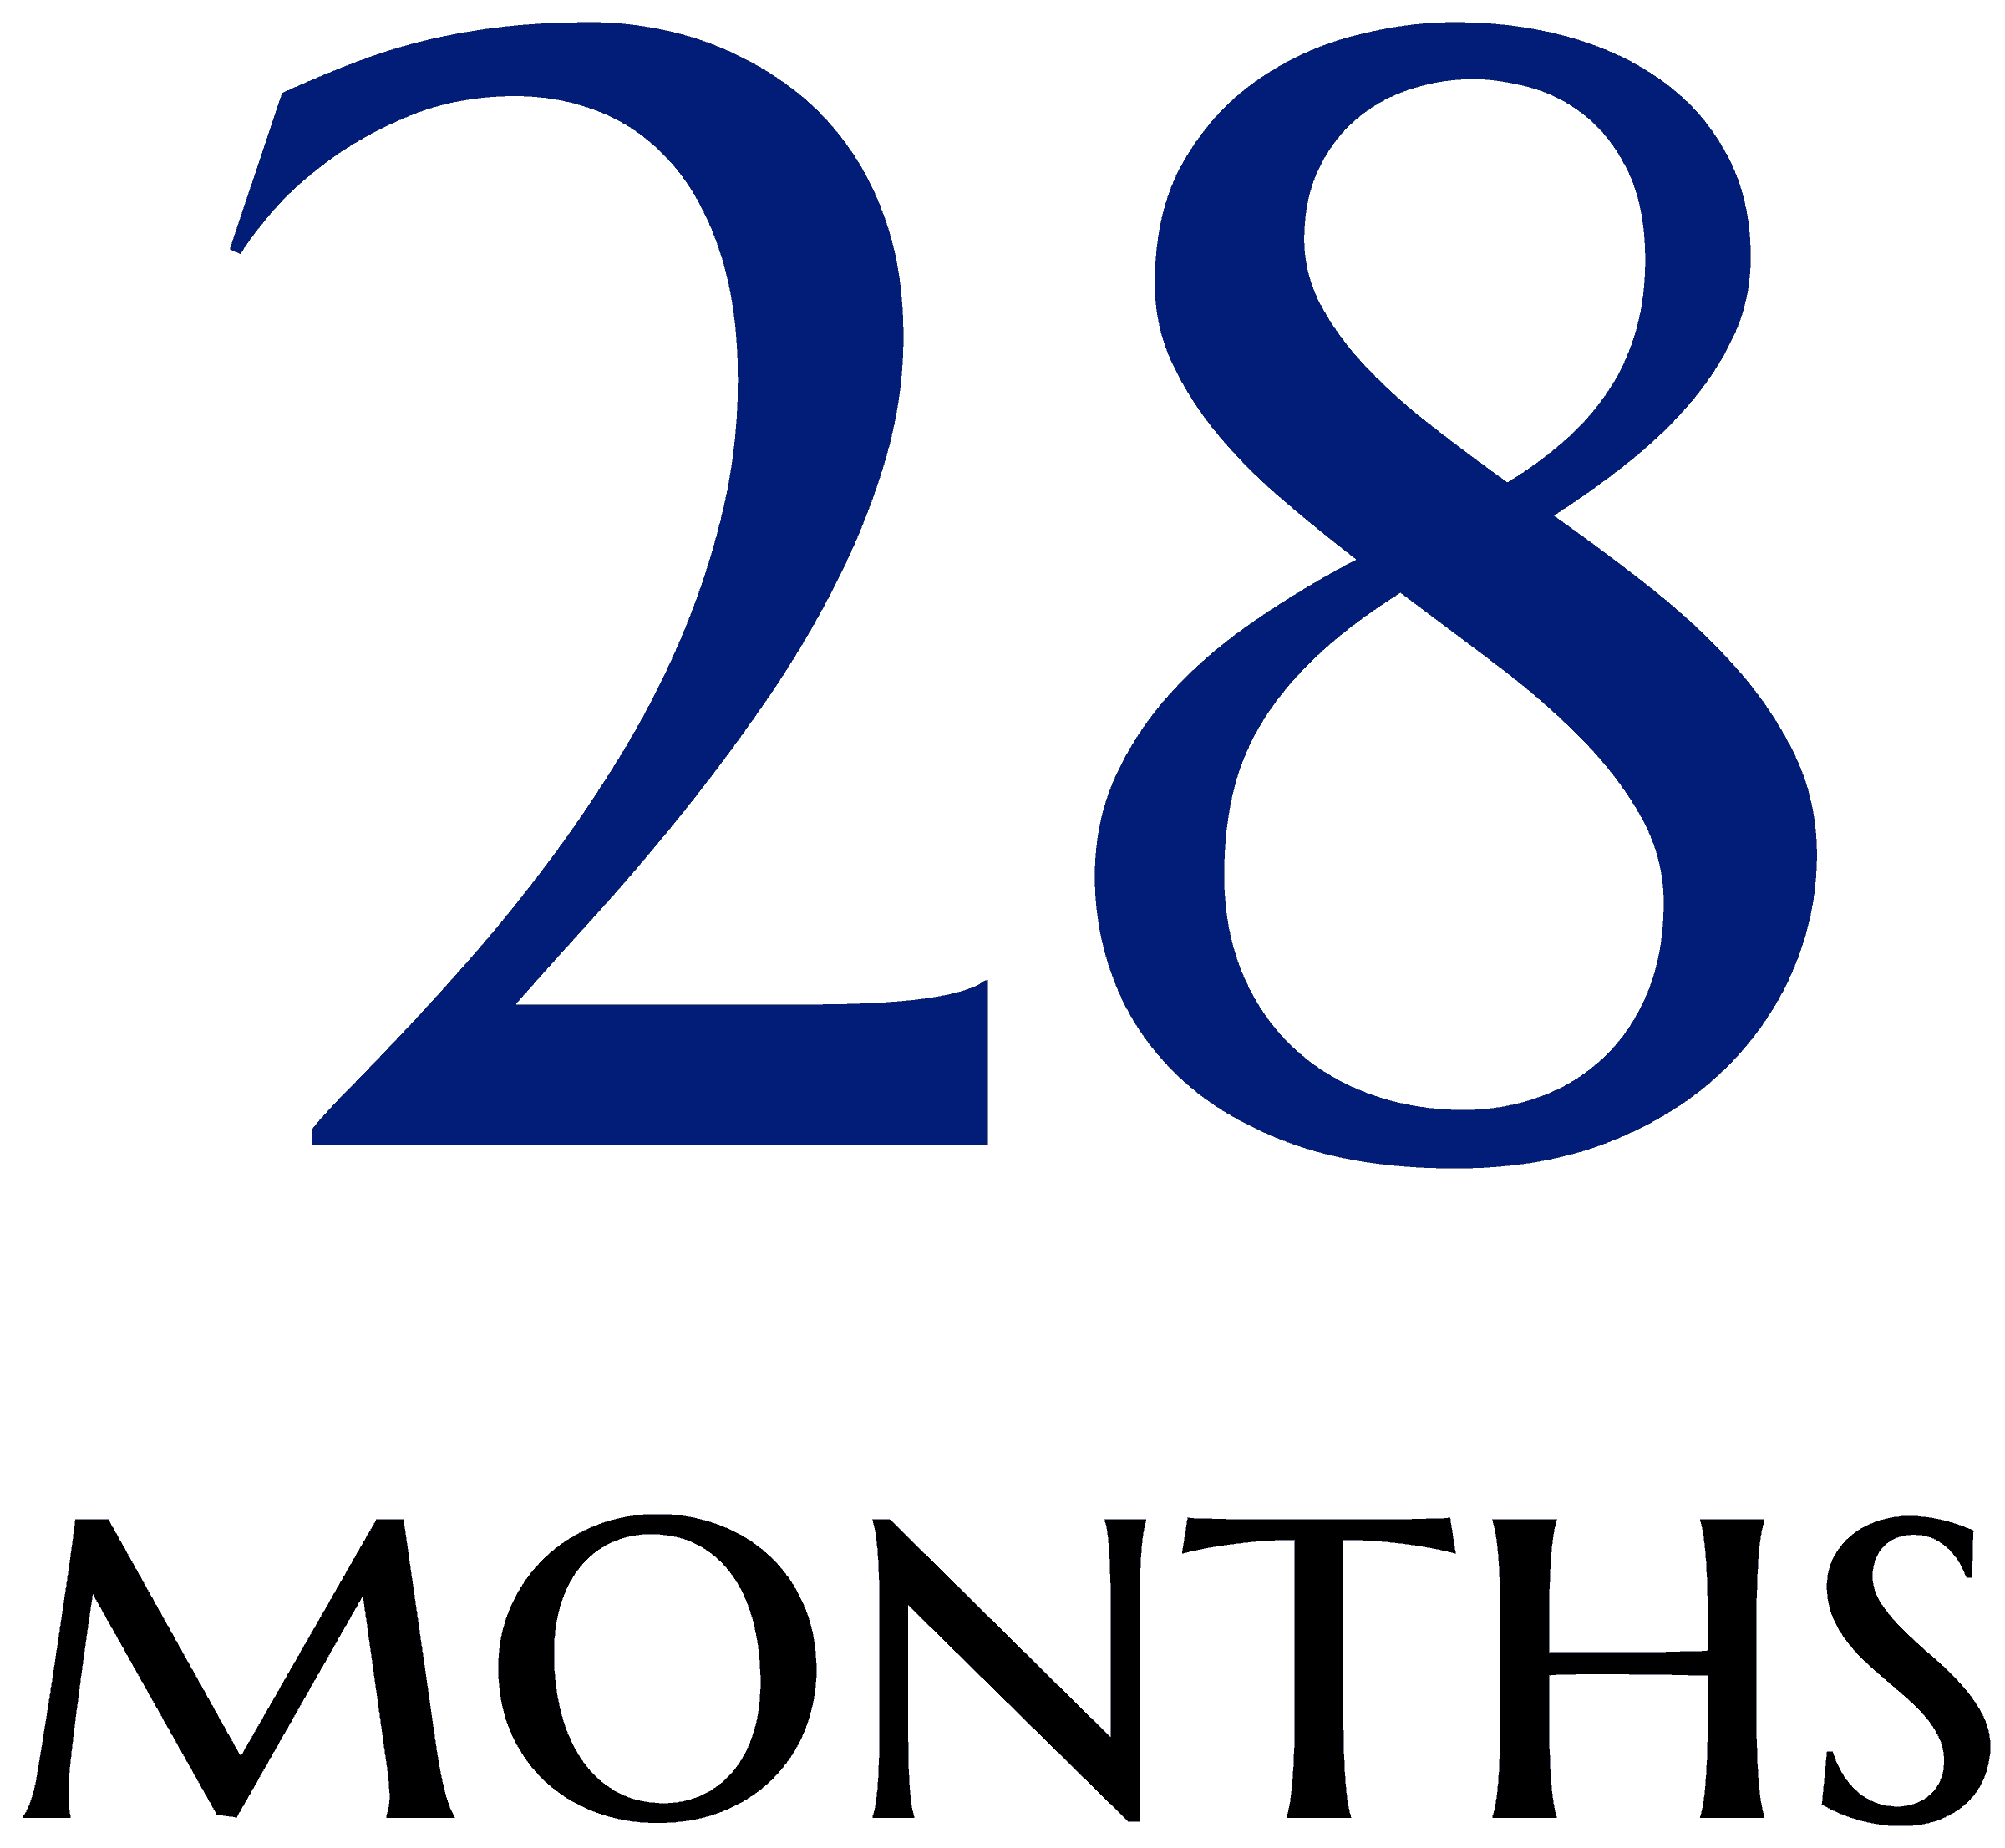 28 months